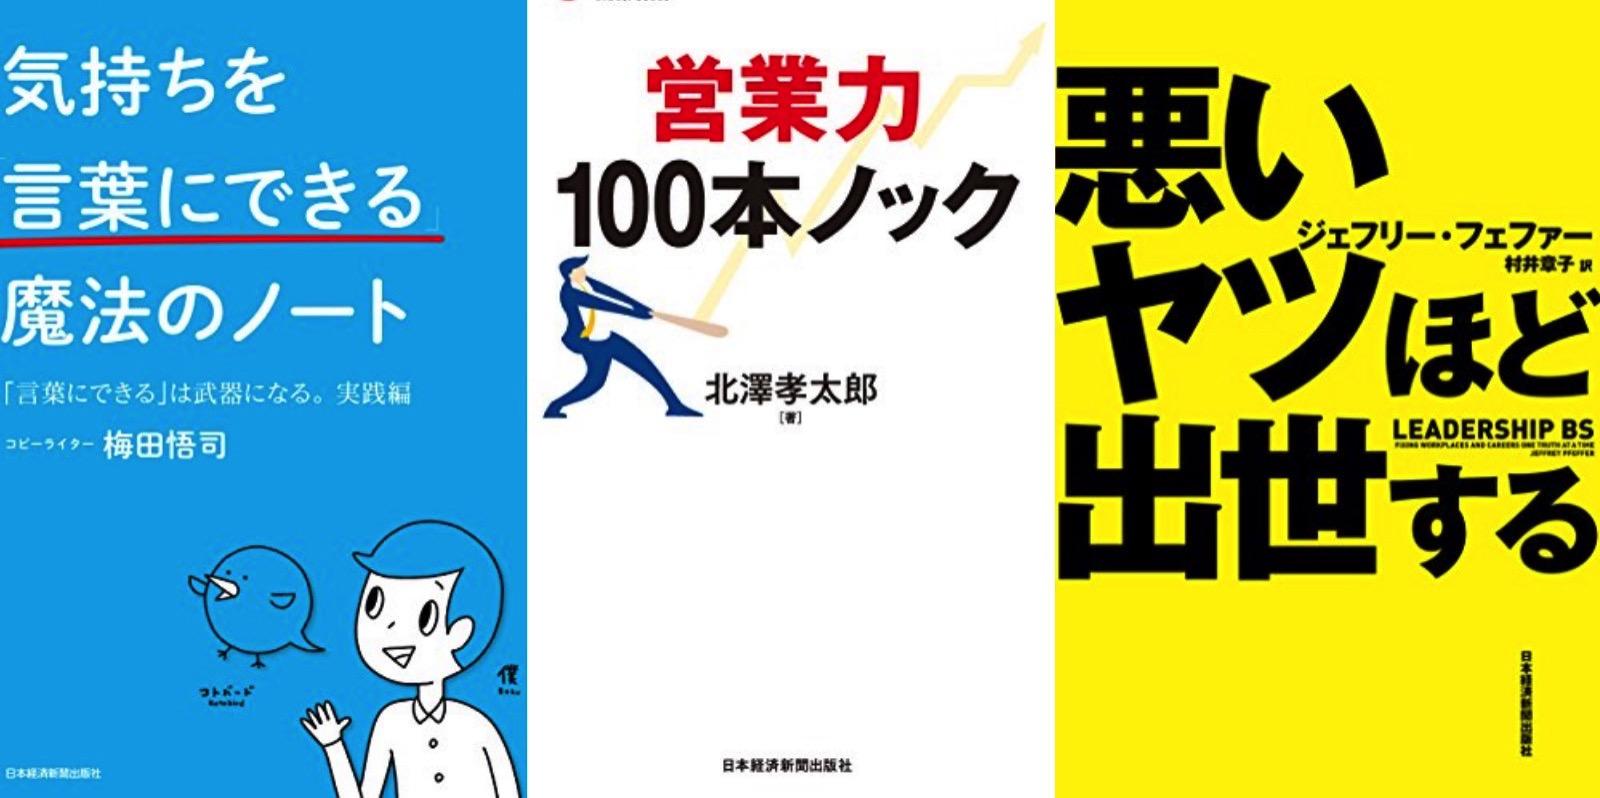 Nihon Keizai Shinbunsha Sale